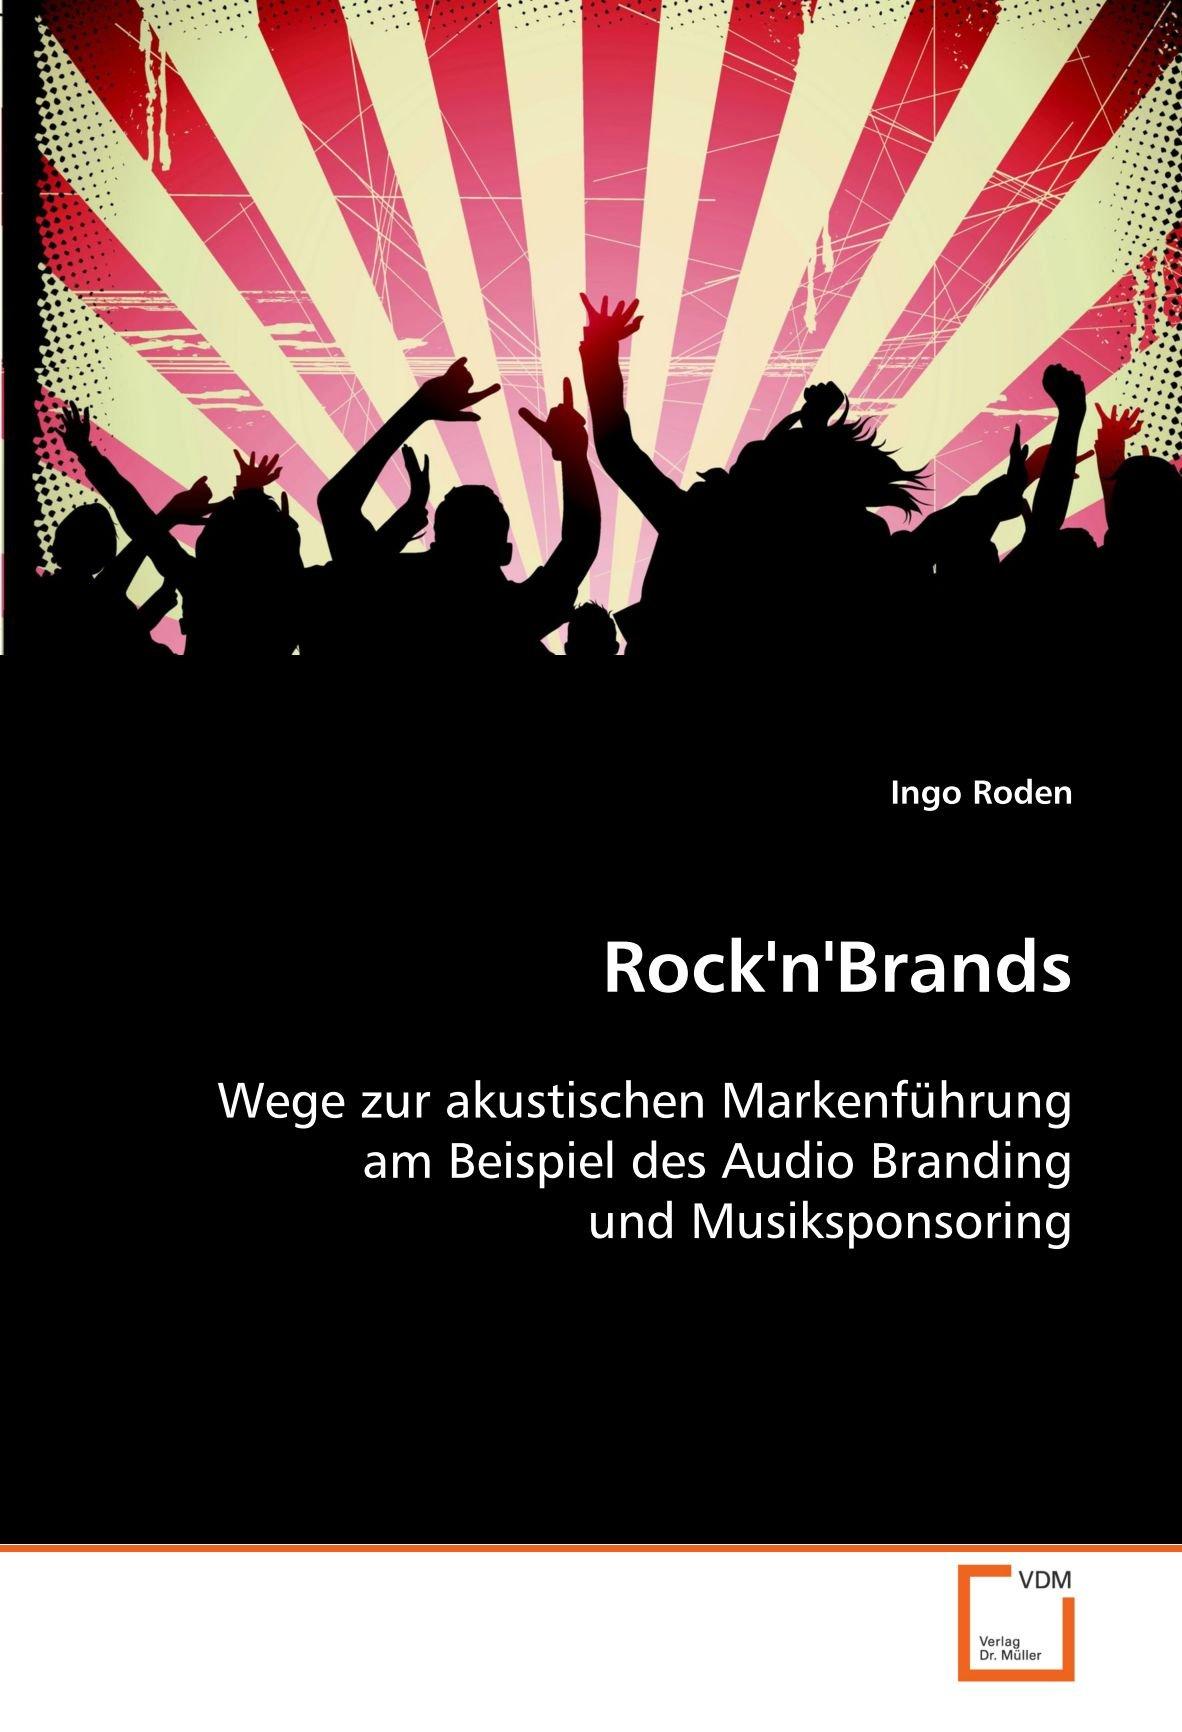 Rock'n'Brands: Wege zur akustischen Markenführung am Beispiel des Audio Branding und Musiksponsoring